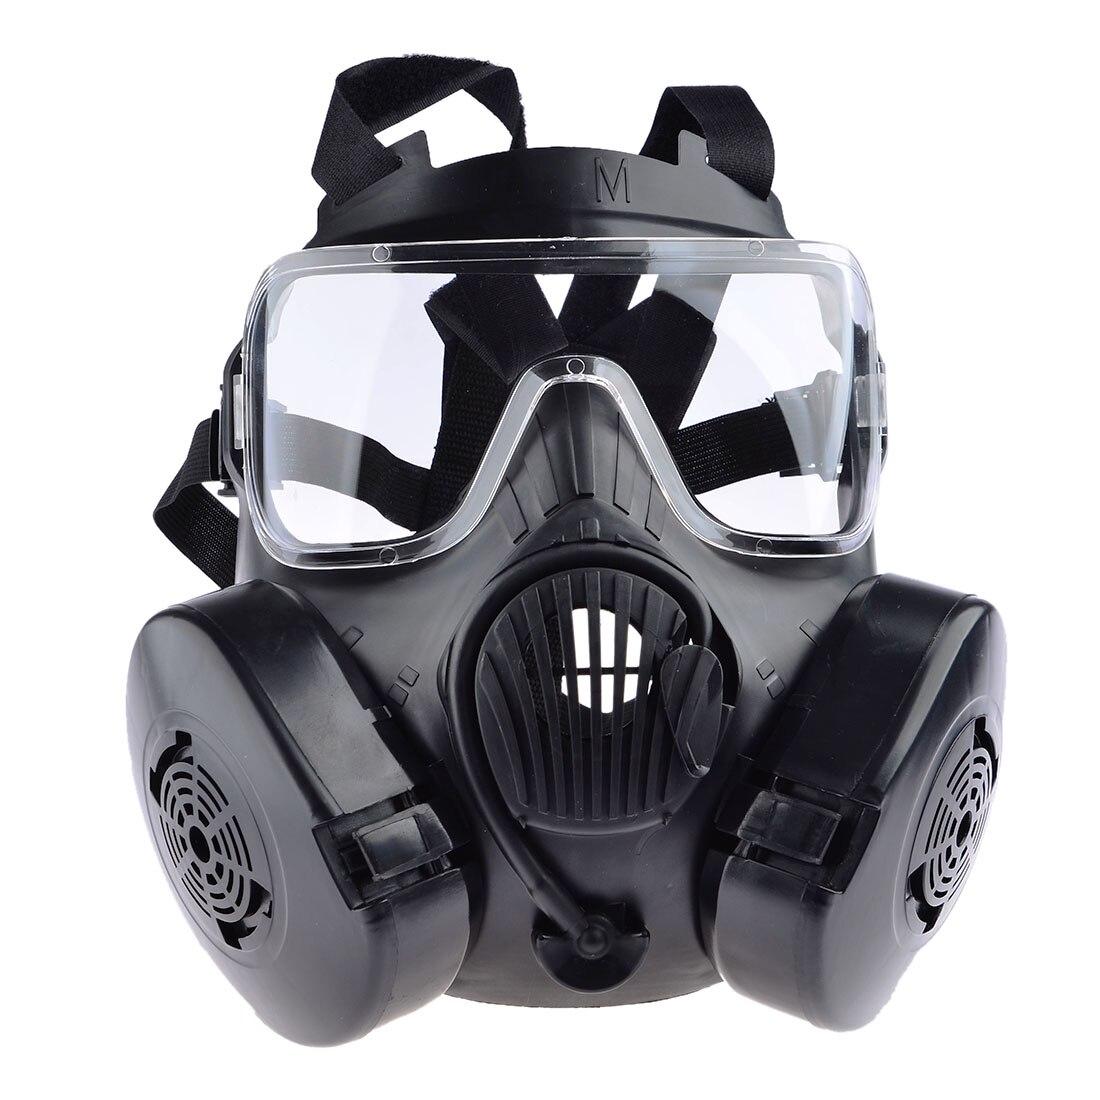 Tactique Wargame Paintball visage complet crâne masque à gaz pour extérieur Airsoft Combat chasse masque de protection armée Cosplay articles-noir